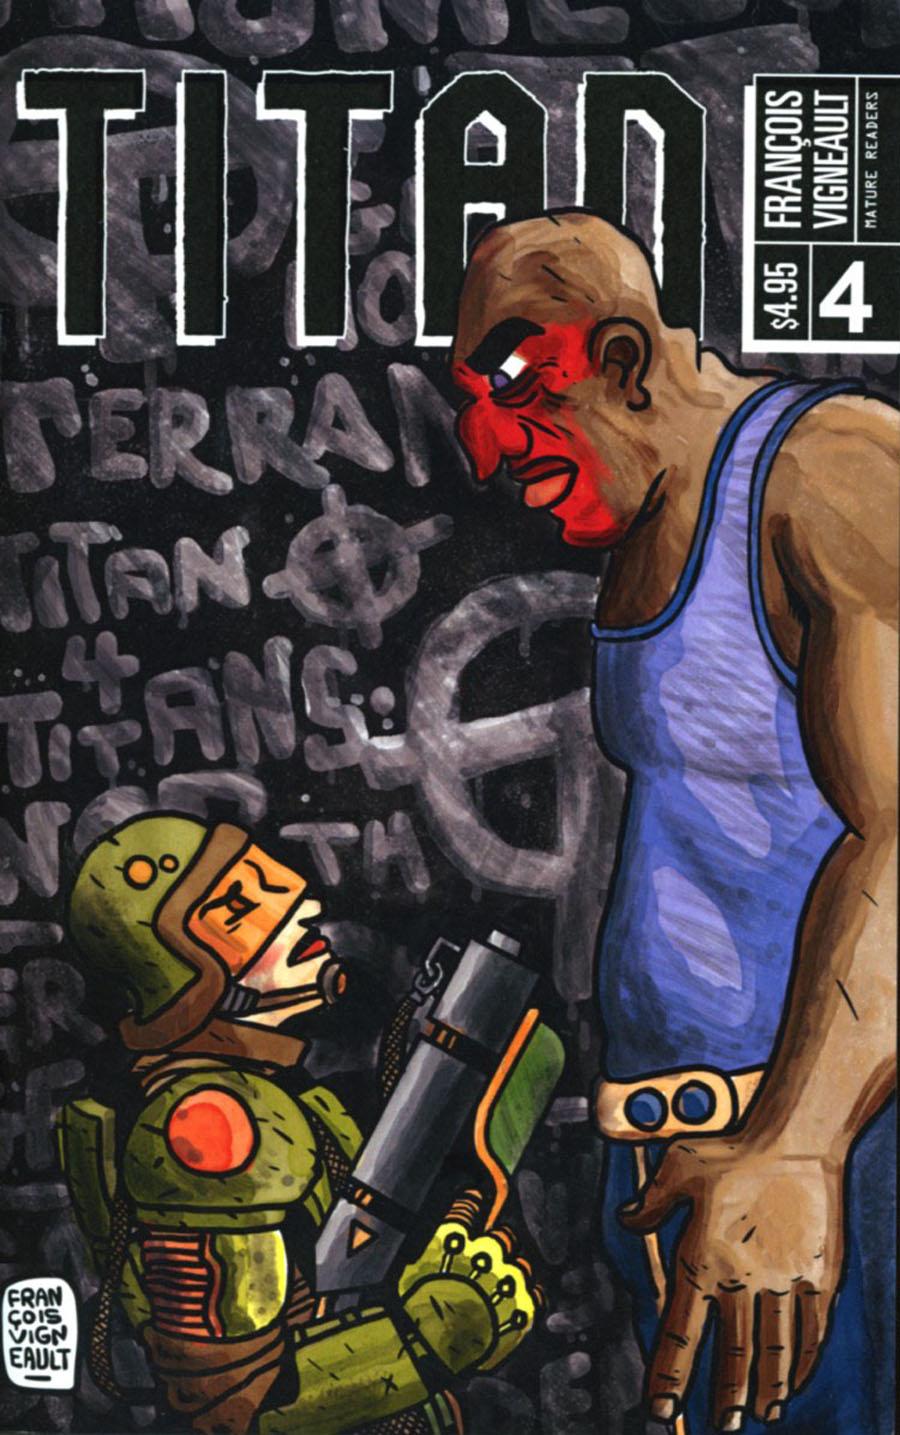 Titan (Alternative Comics) #4